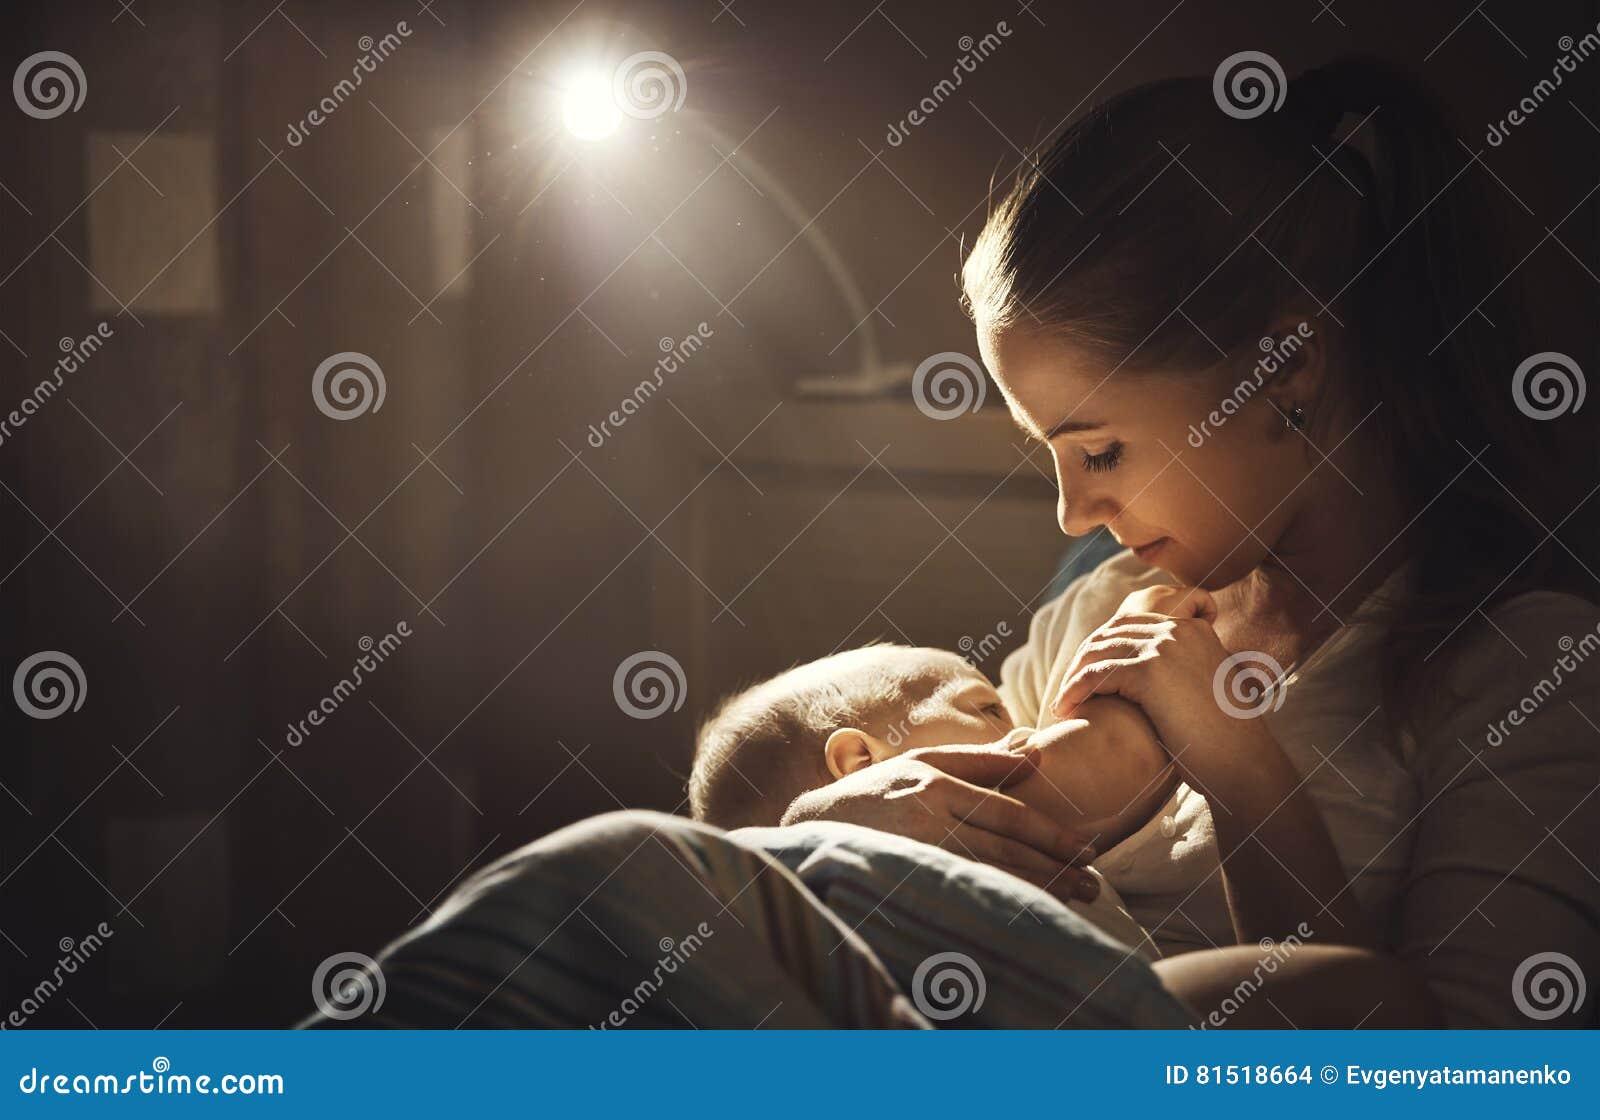 Allattamento al seno notte scura d alimentazione del seno del bambino della madre a letto